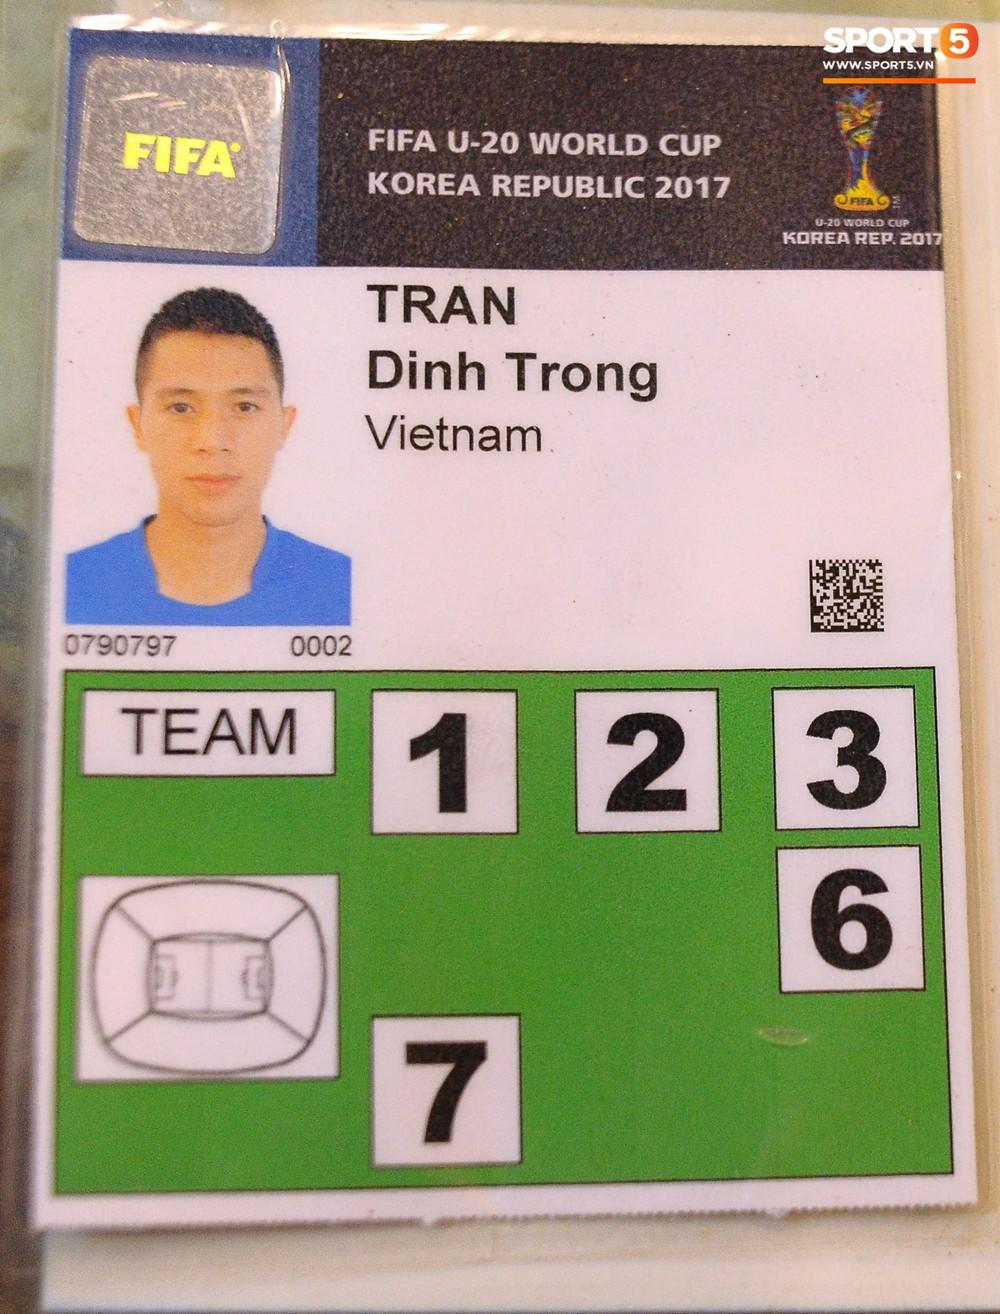 Để nổi danh Trọng gắt hay Trọng sơ vin, trung vệ tuyển Việt Nam đã dậy thì thành công thế này đây - Ảnh 4.